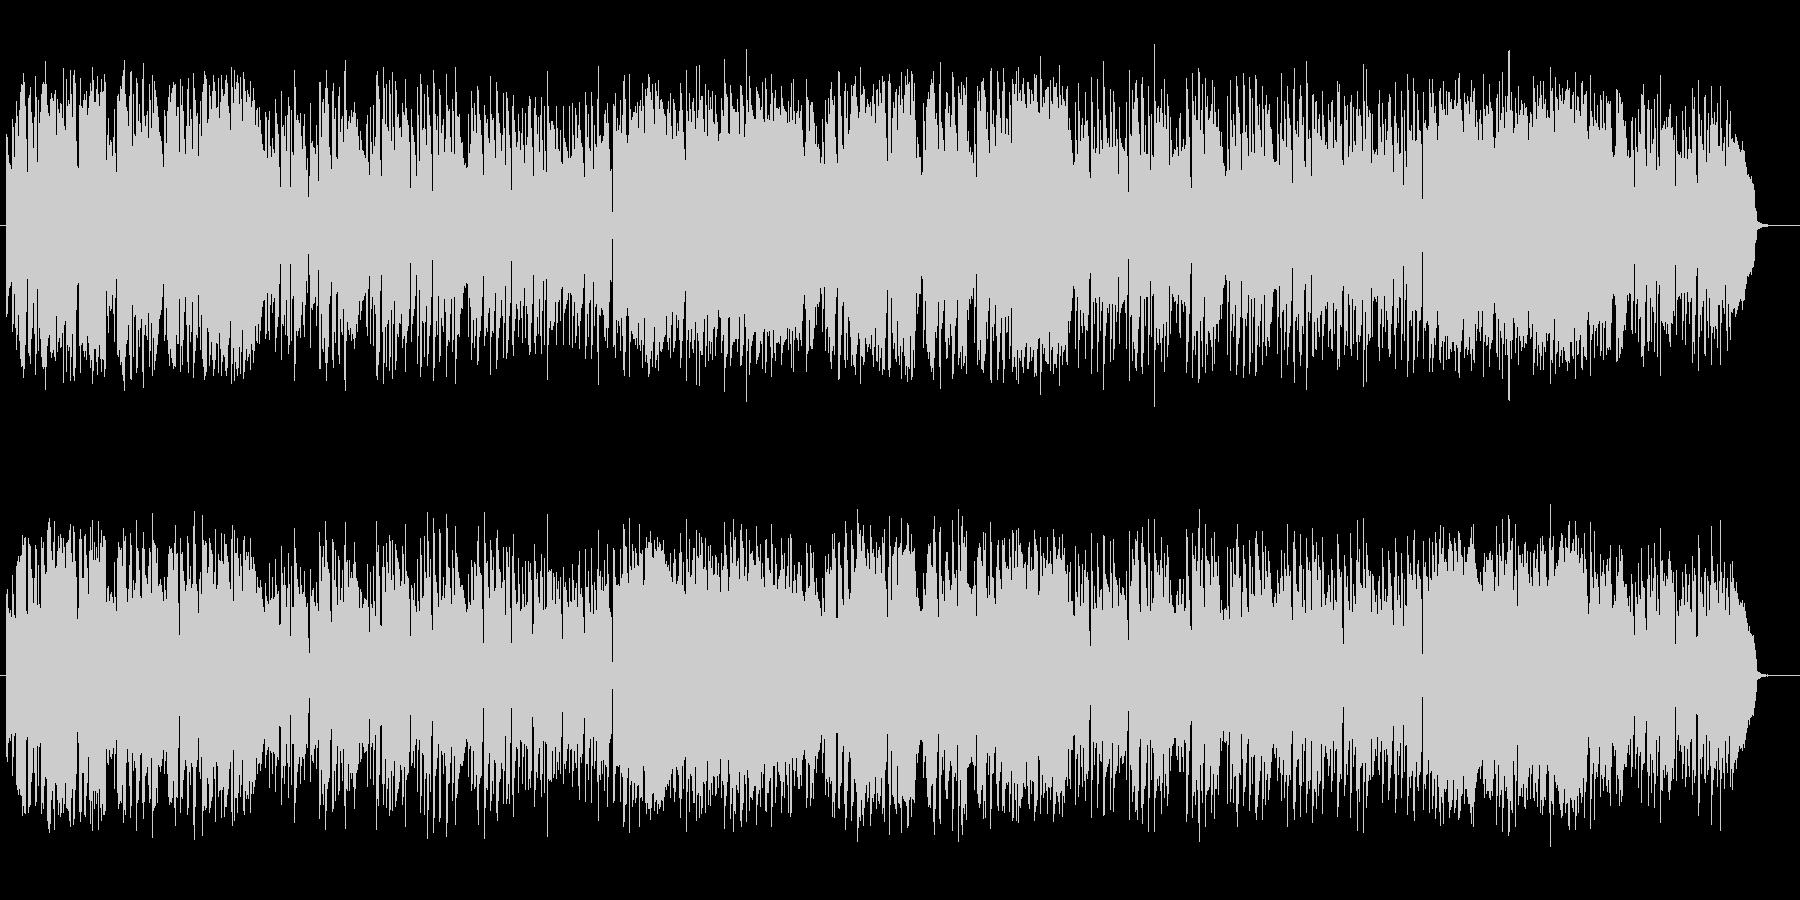 ミステリアスな懐かしいシンセサイザーの曲の未再生の波形